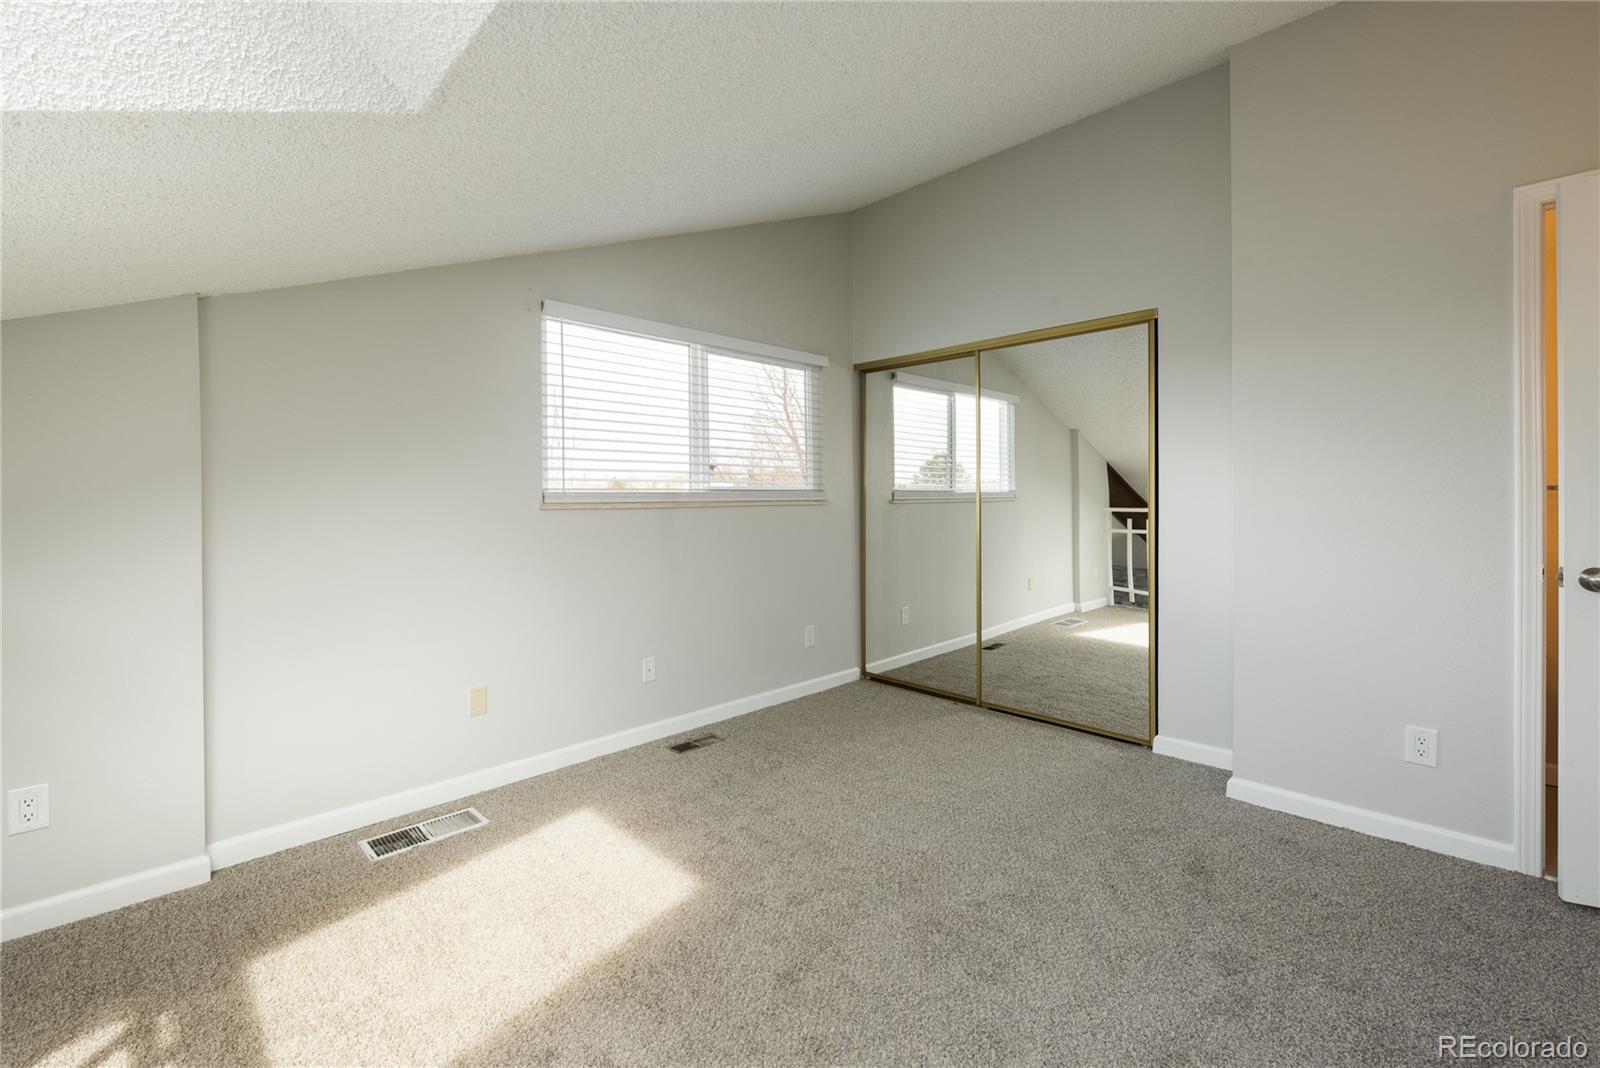 MLS# 5278845 - 22 - 1772 S Trenton Street #9, Denver, CO 80231